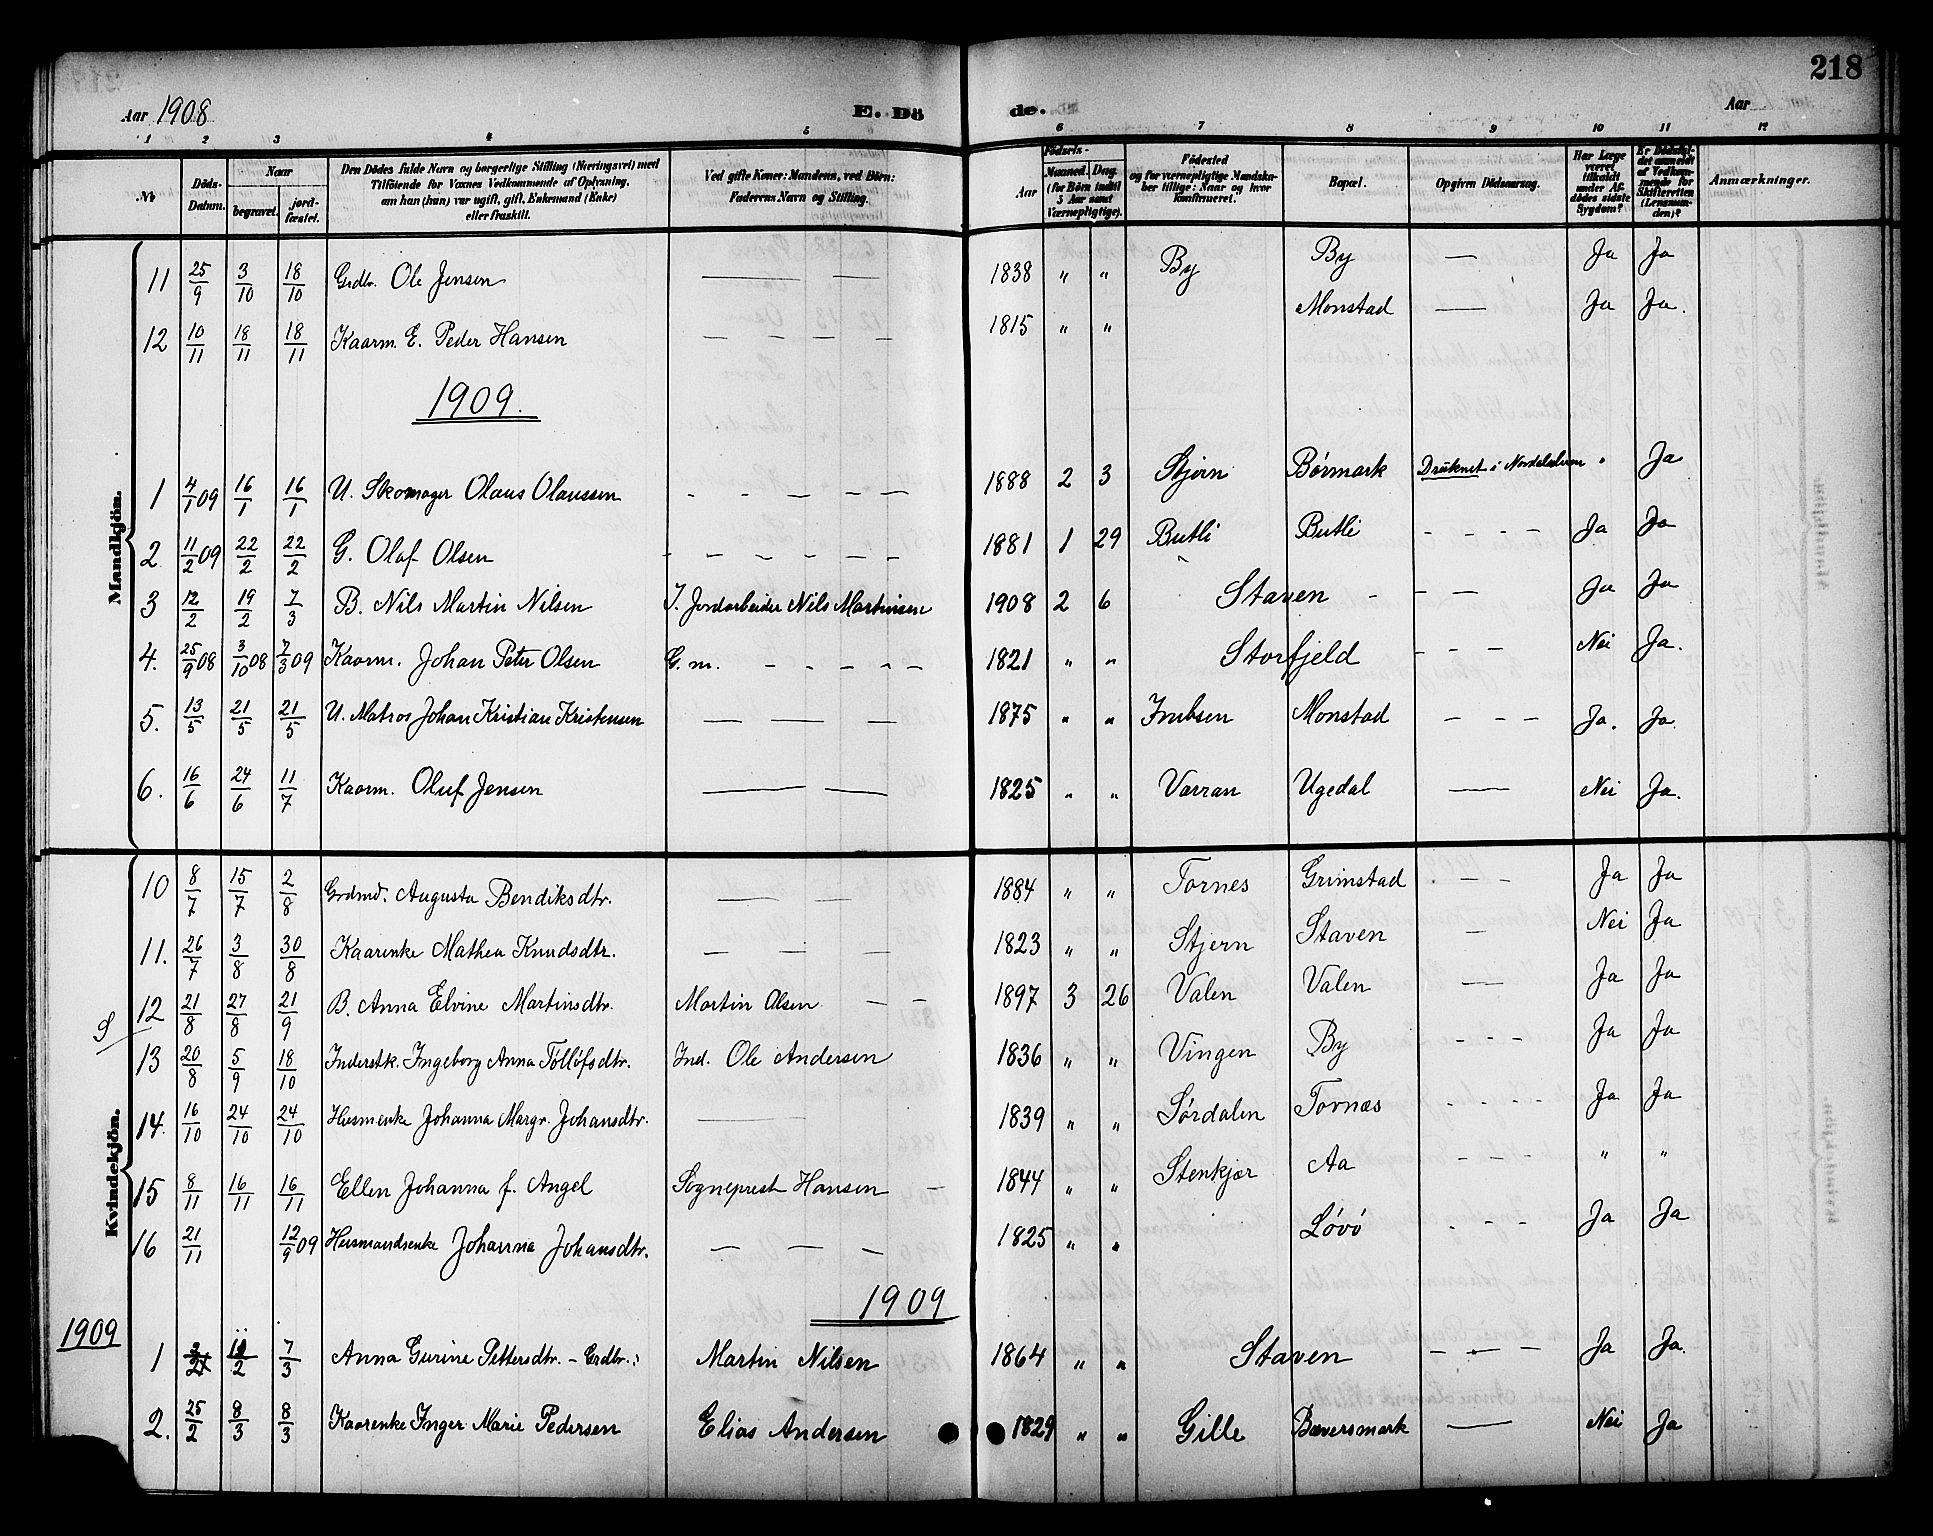 SAT, Ministerialprotokoller, klokkerbøker og fødselsregistre - Sør-Trøndelag, 655/L0688: Klokkerbok nr. 655C04, 1899-1922, s. 218